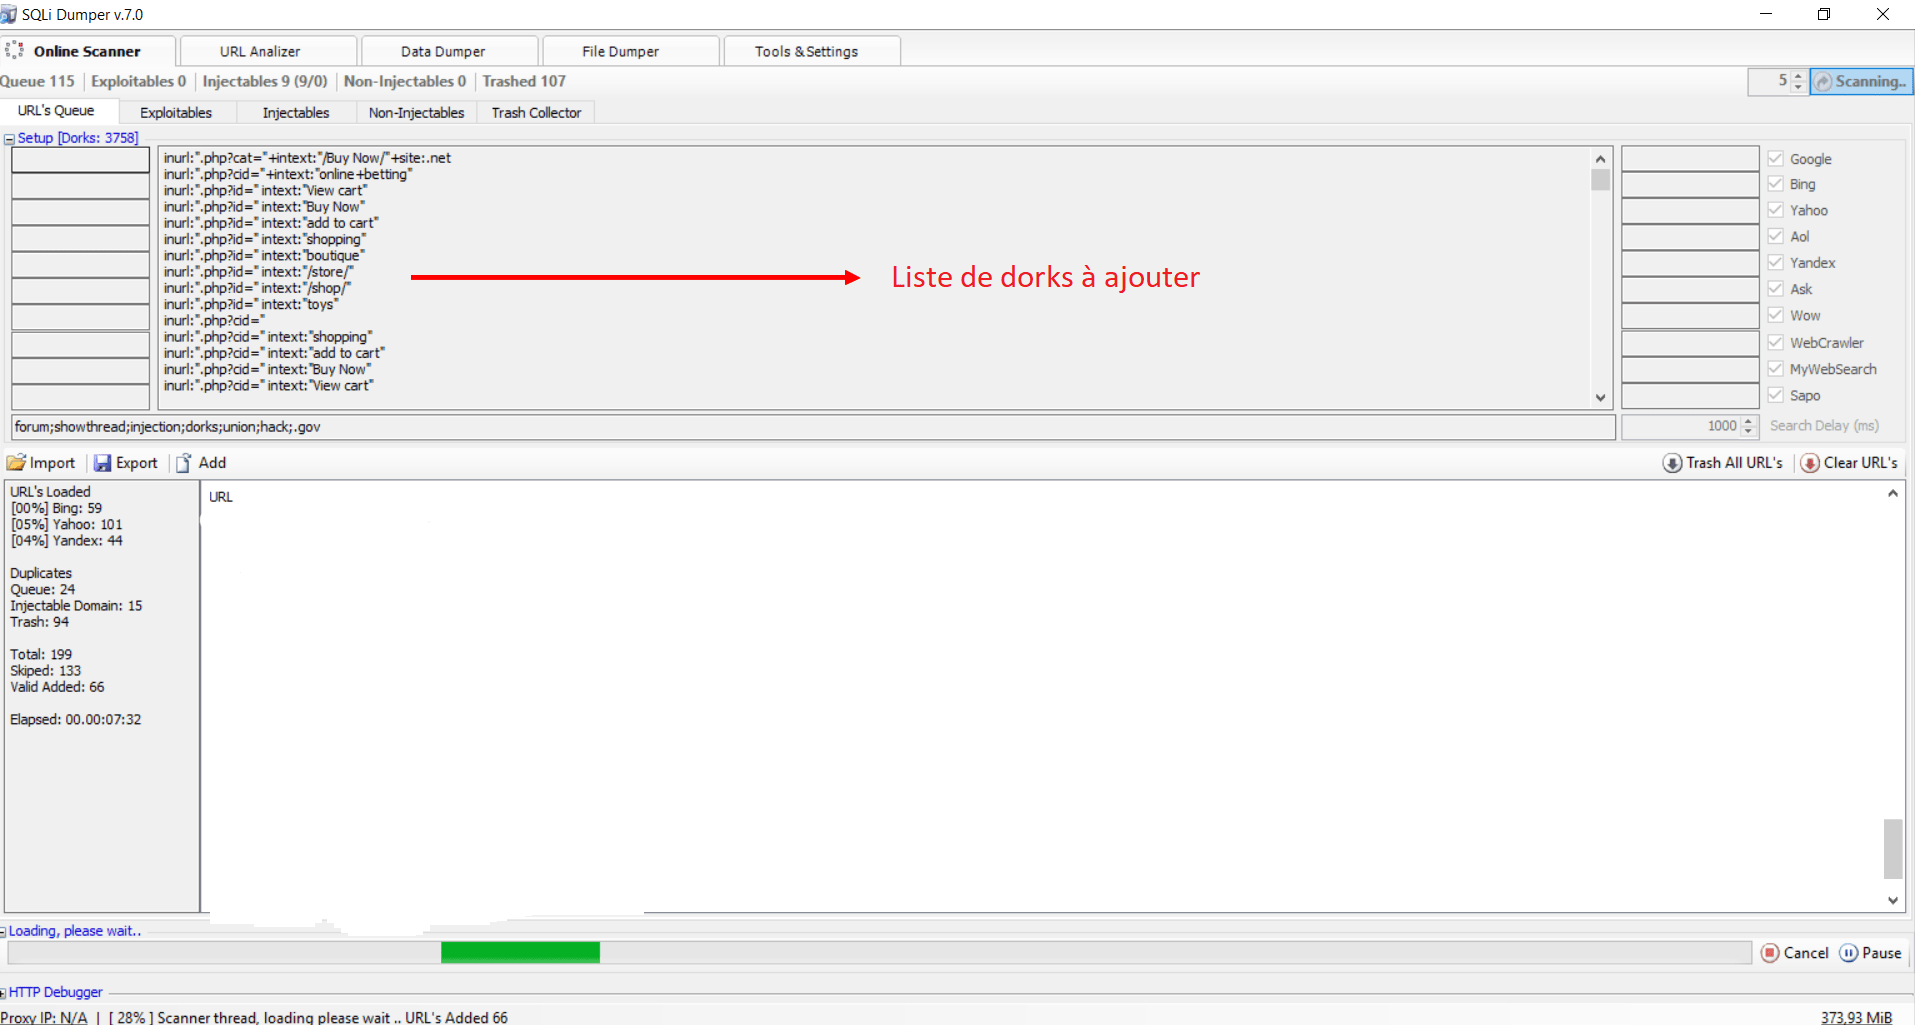 Comment utiliser SQLI DUMPER